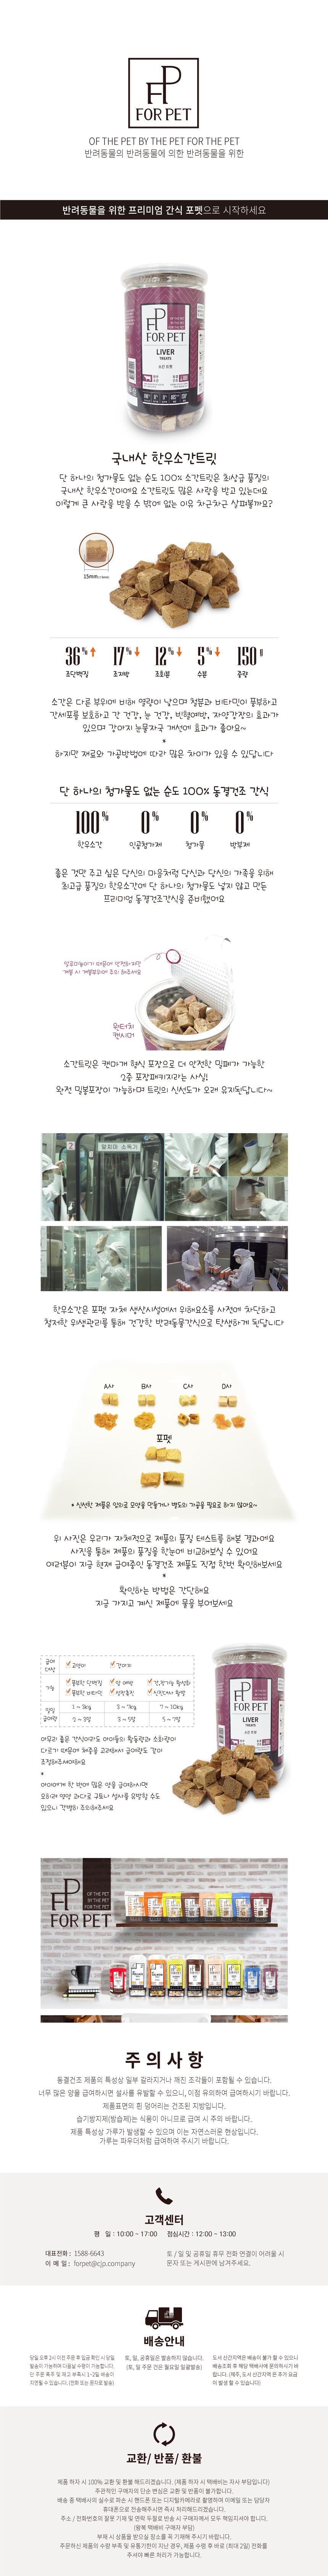 포펫 수제간식 동결건조트릿 한우소간 150g - 포펫, 19,500원, 간식/영양제, 수제간식